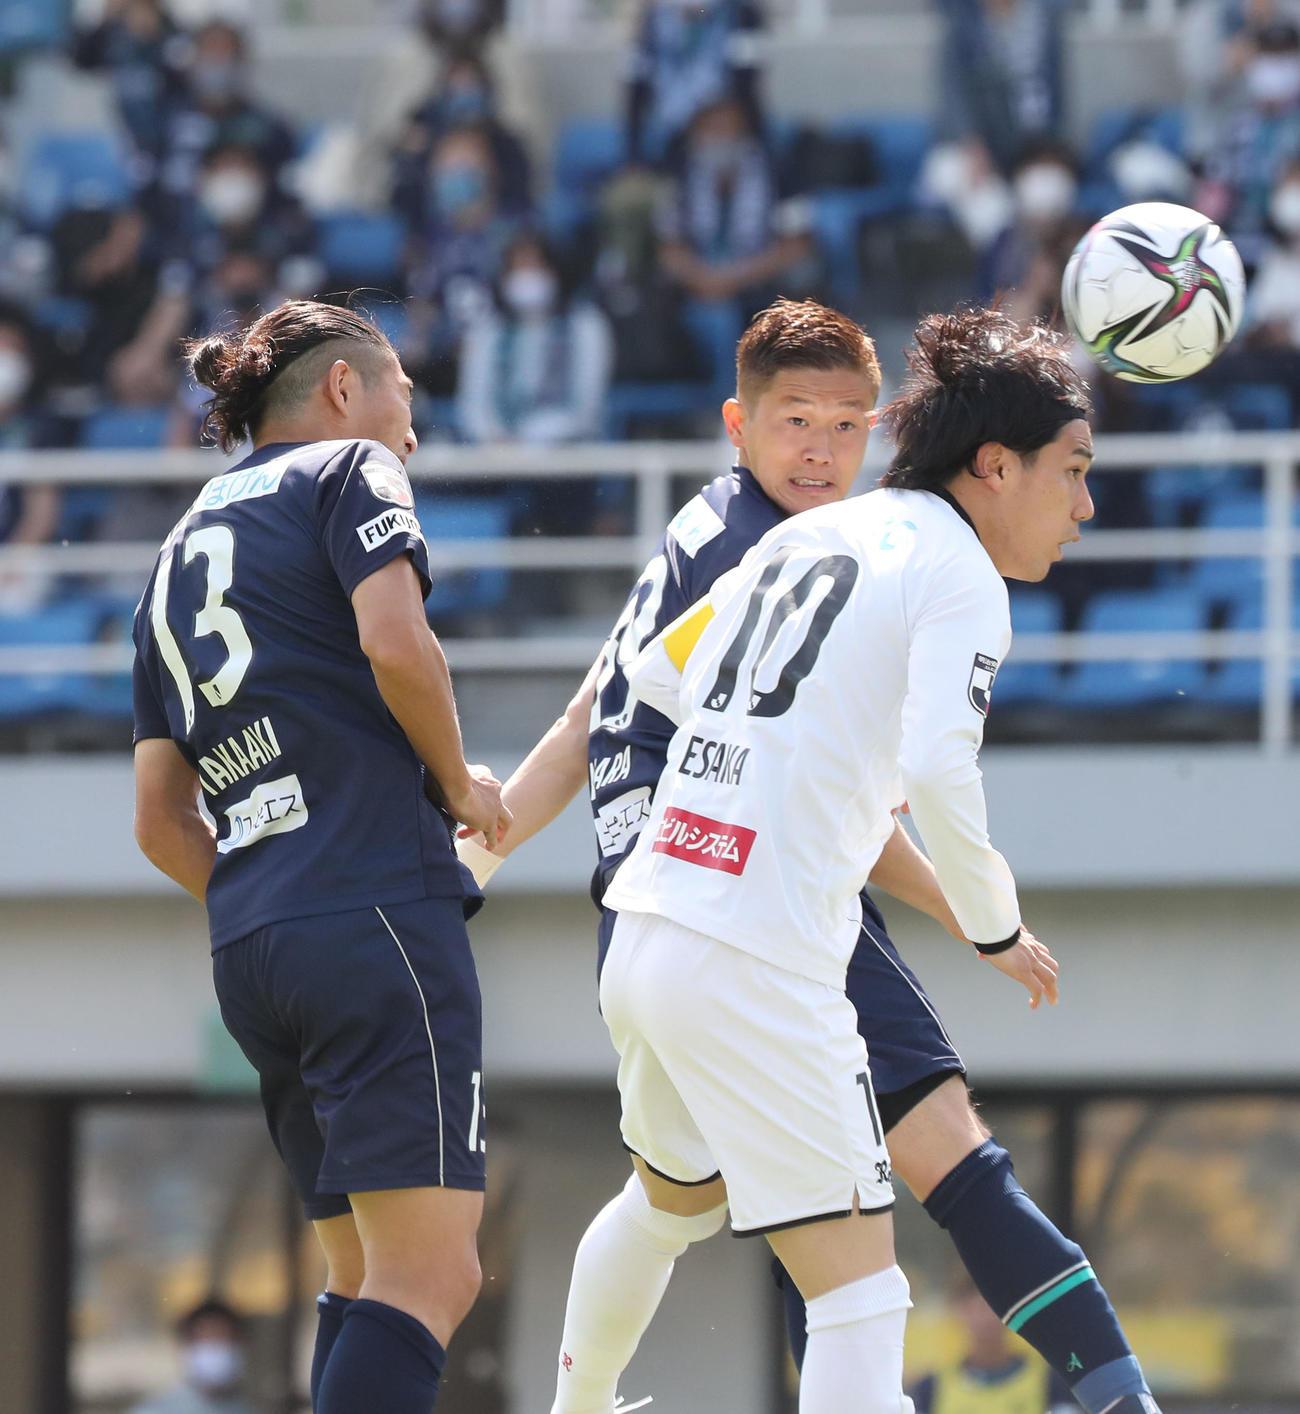 福岡対柏 後半3分、福岡志知孝明はコーナーからの浮いた球を頭であわせてゴールを決める(撮影・梅根麻紀)